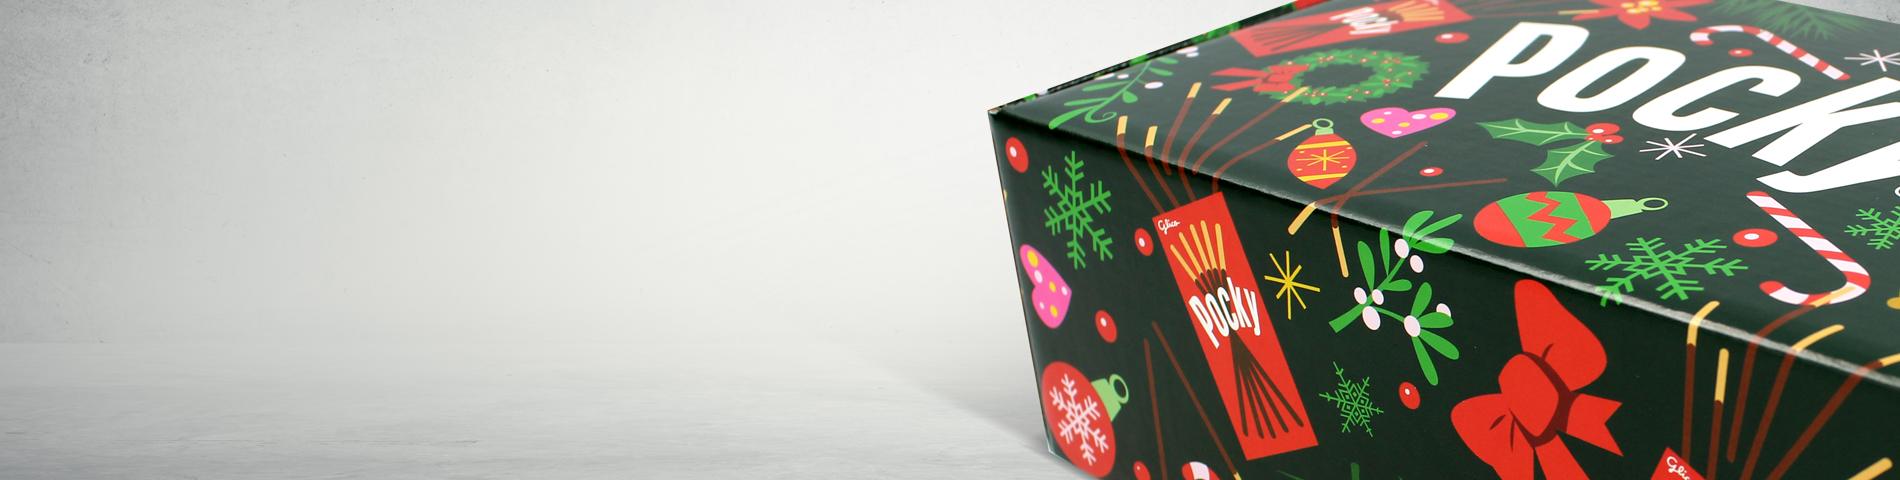 REFT SubBox 18 2 1900x480